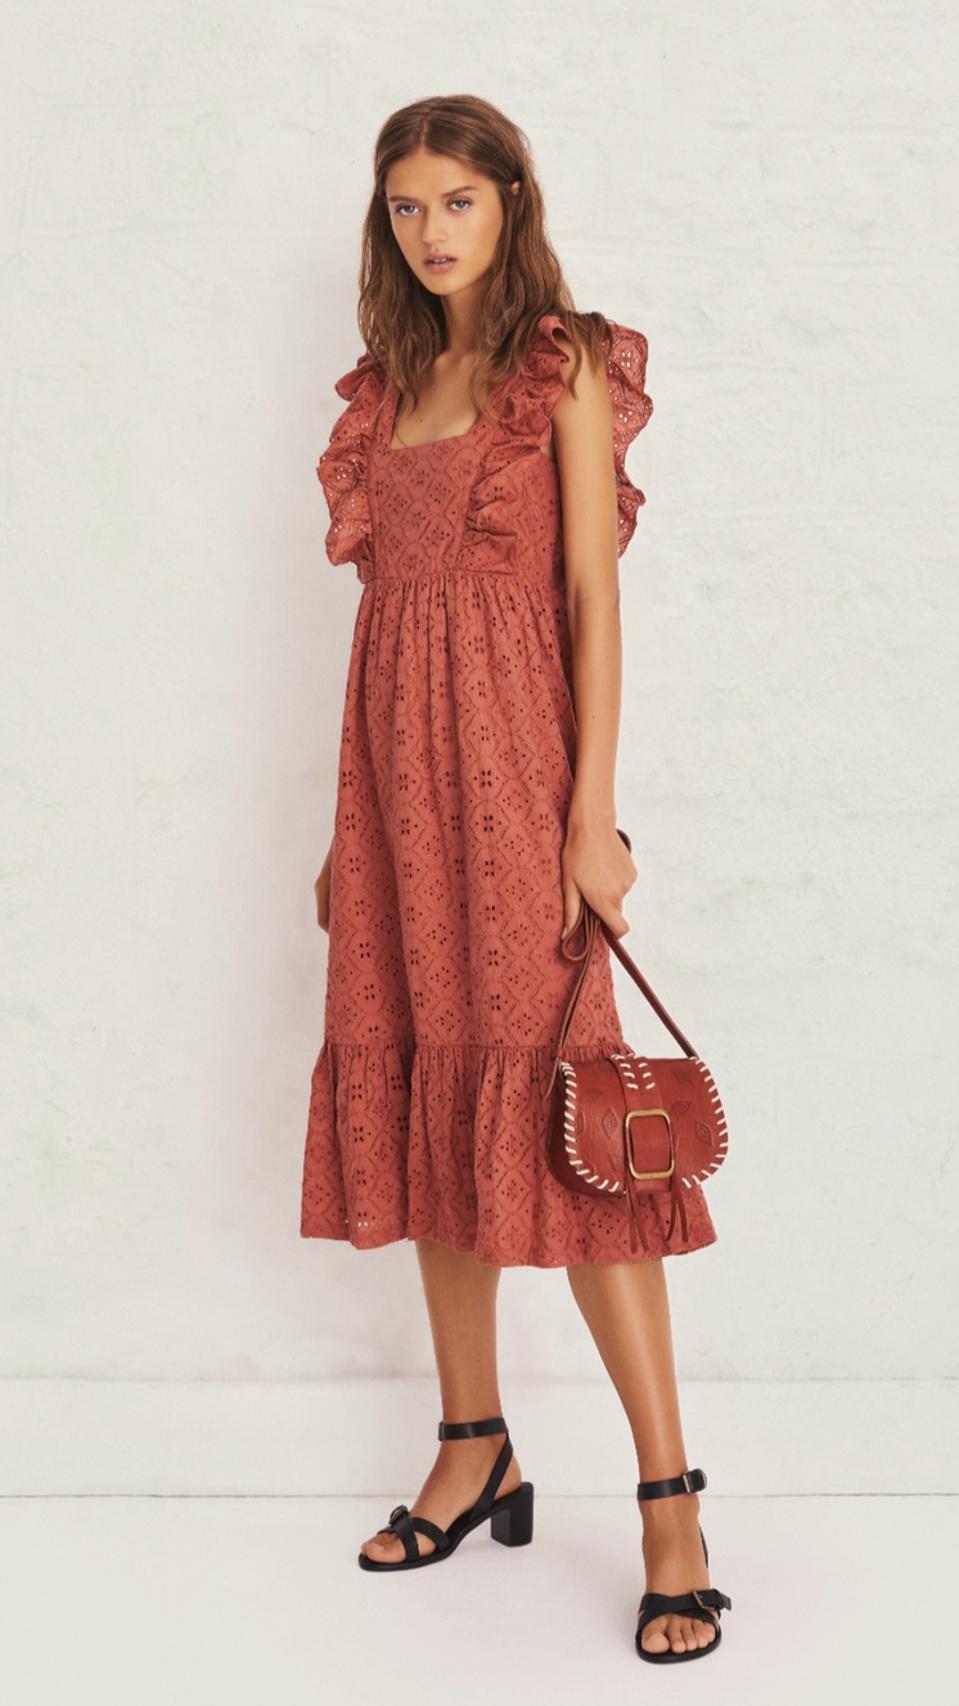 Ba&sh Byrd Dress pretty feminine